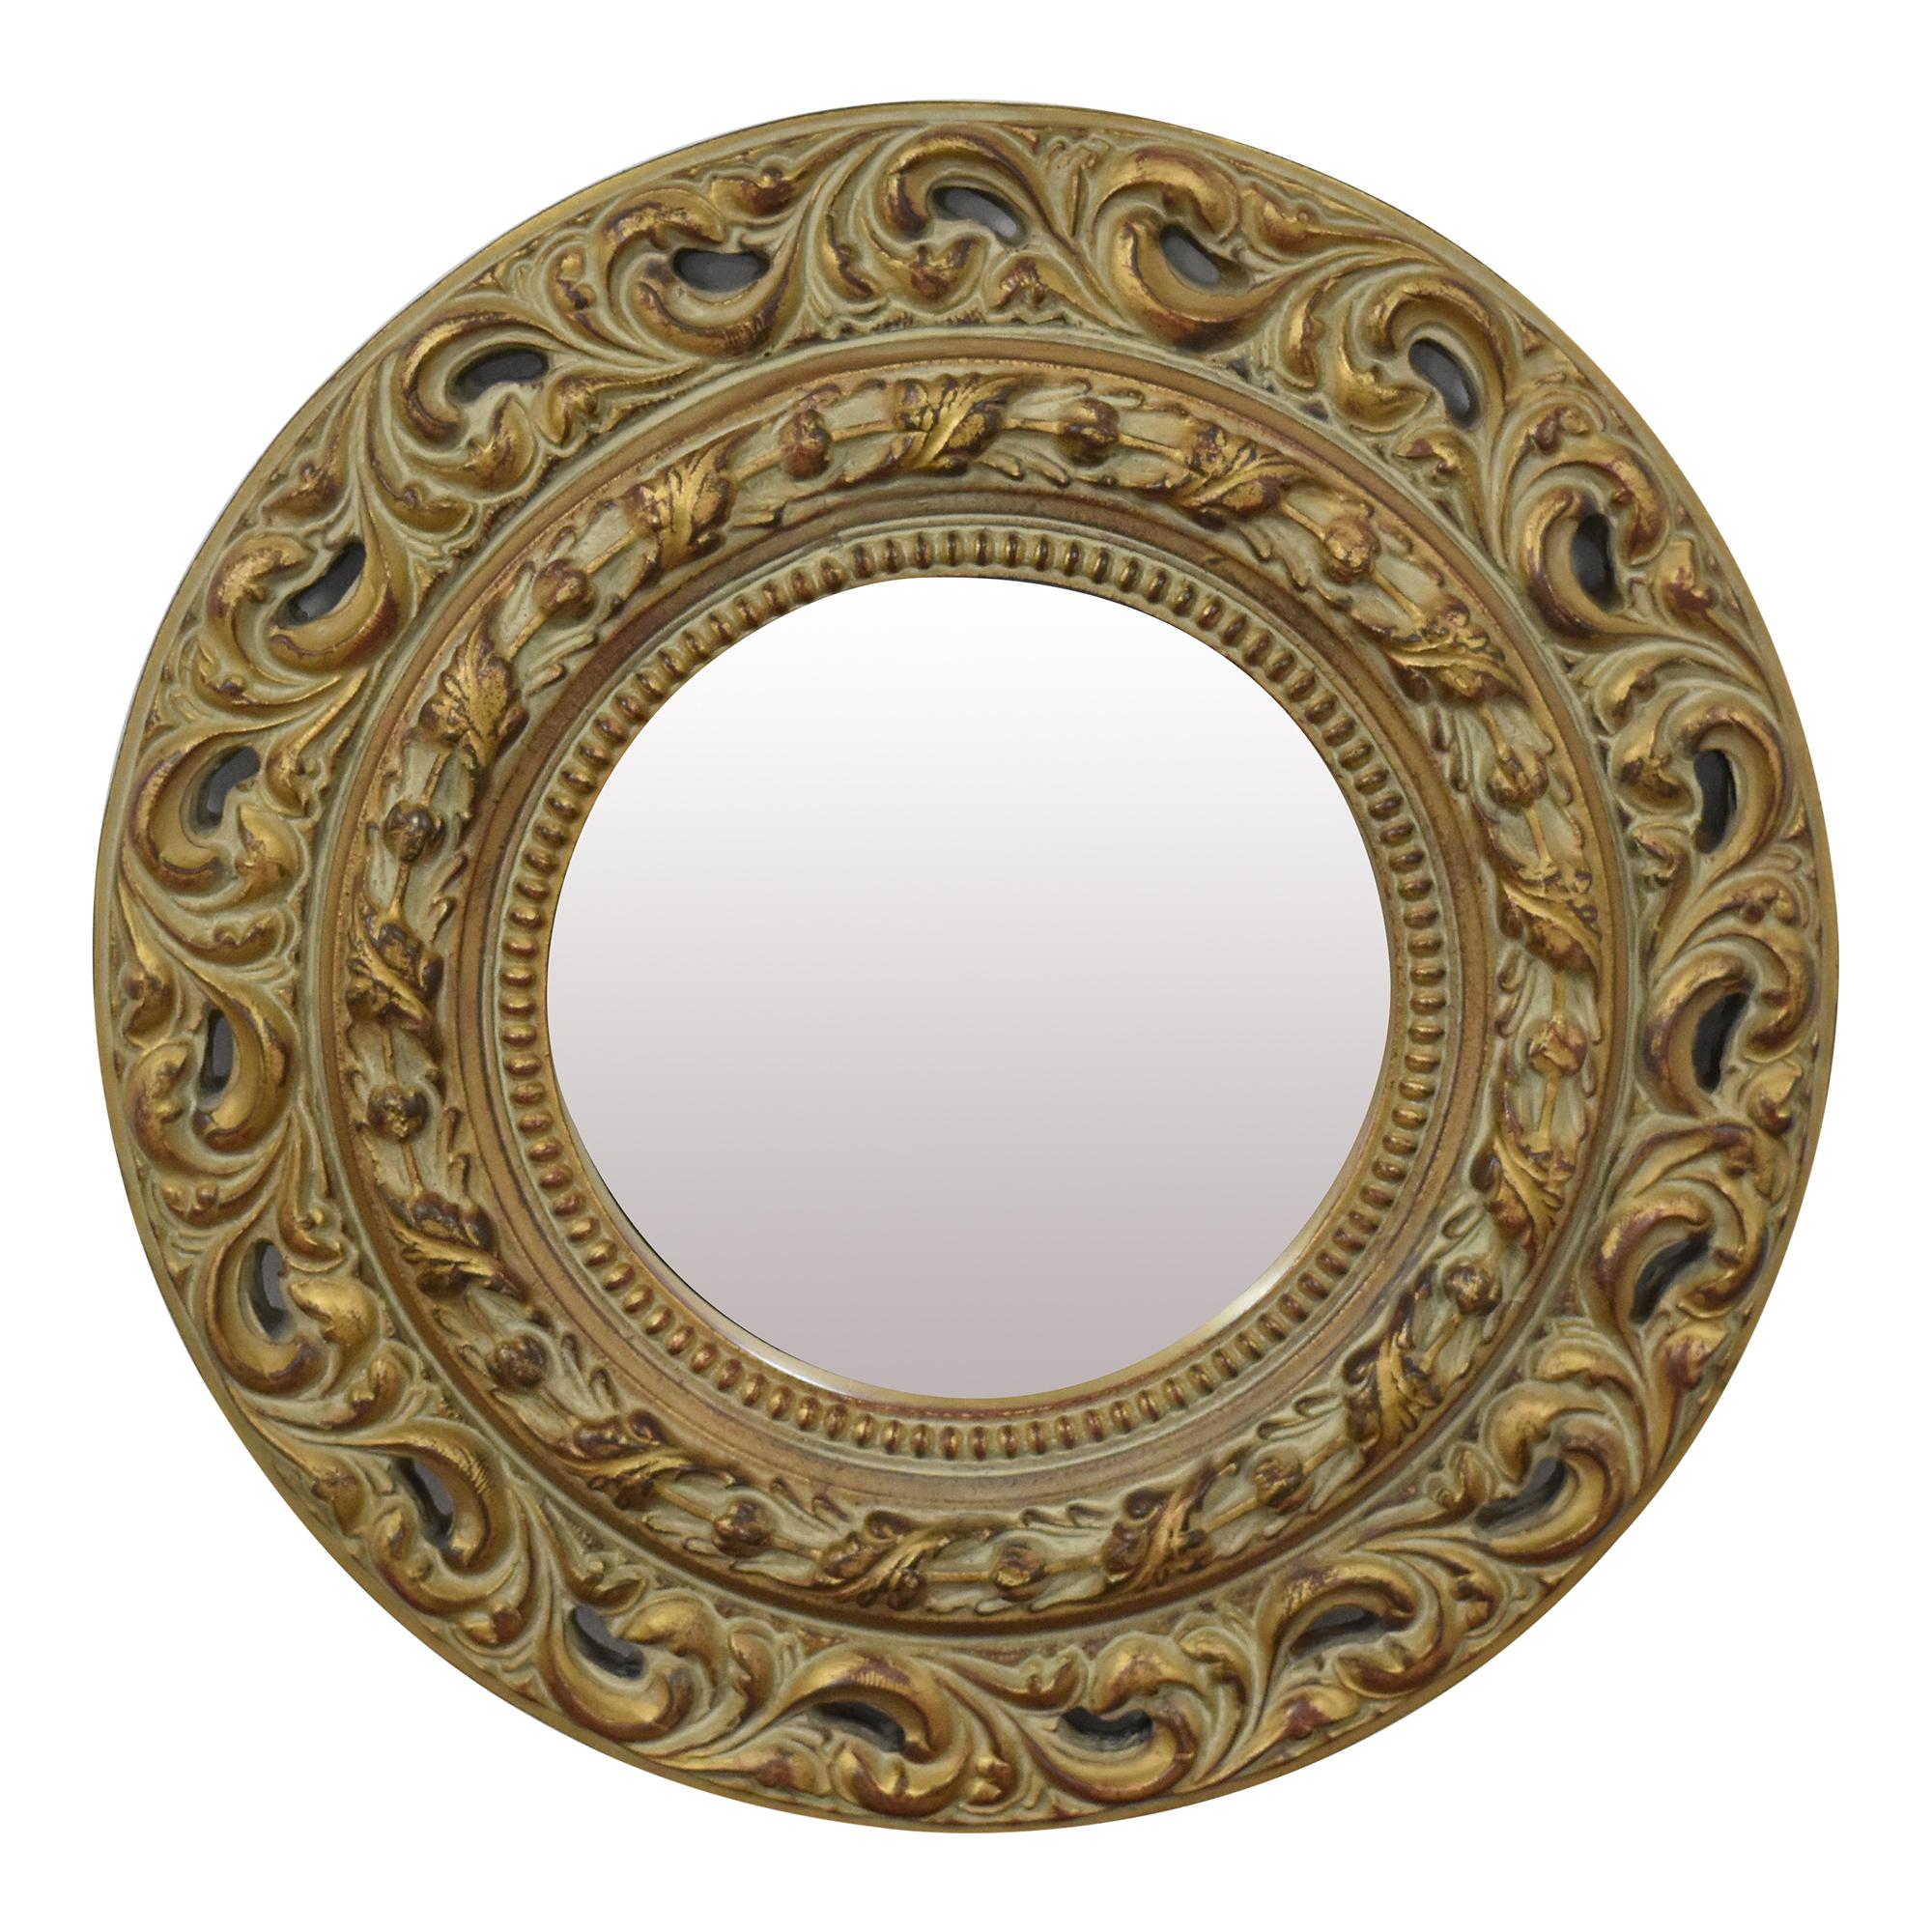 Ethan Allen Round Carved Mirror / Decor